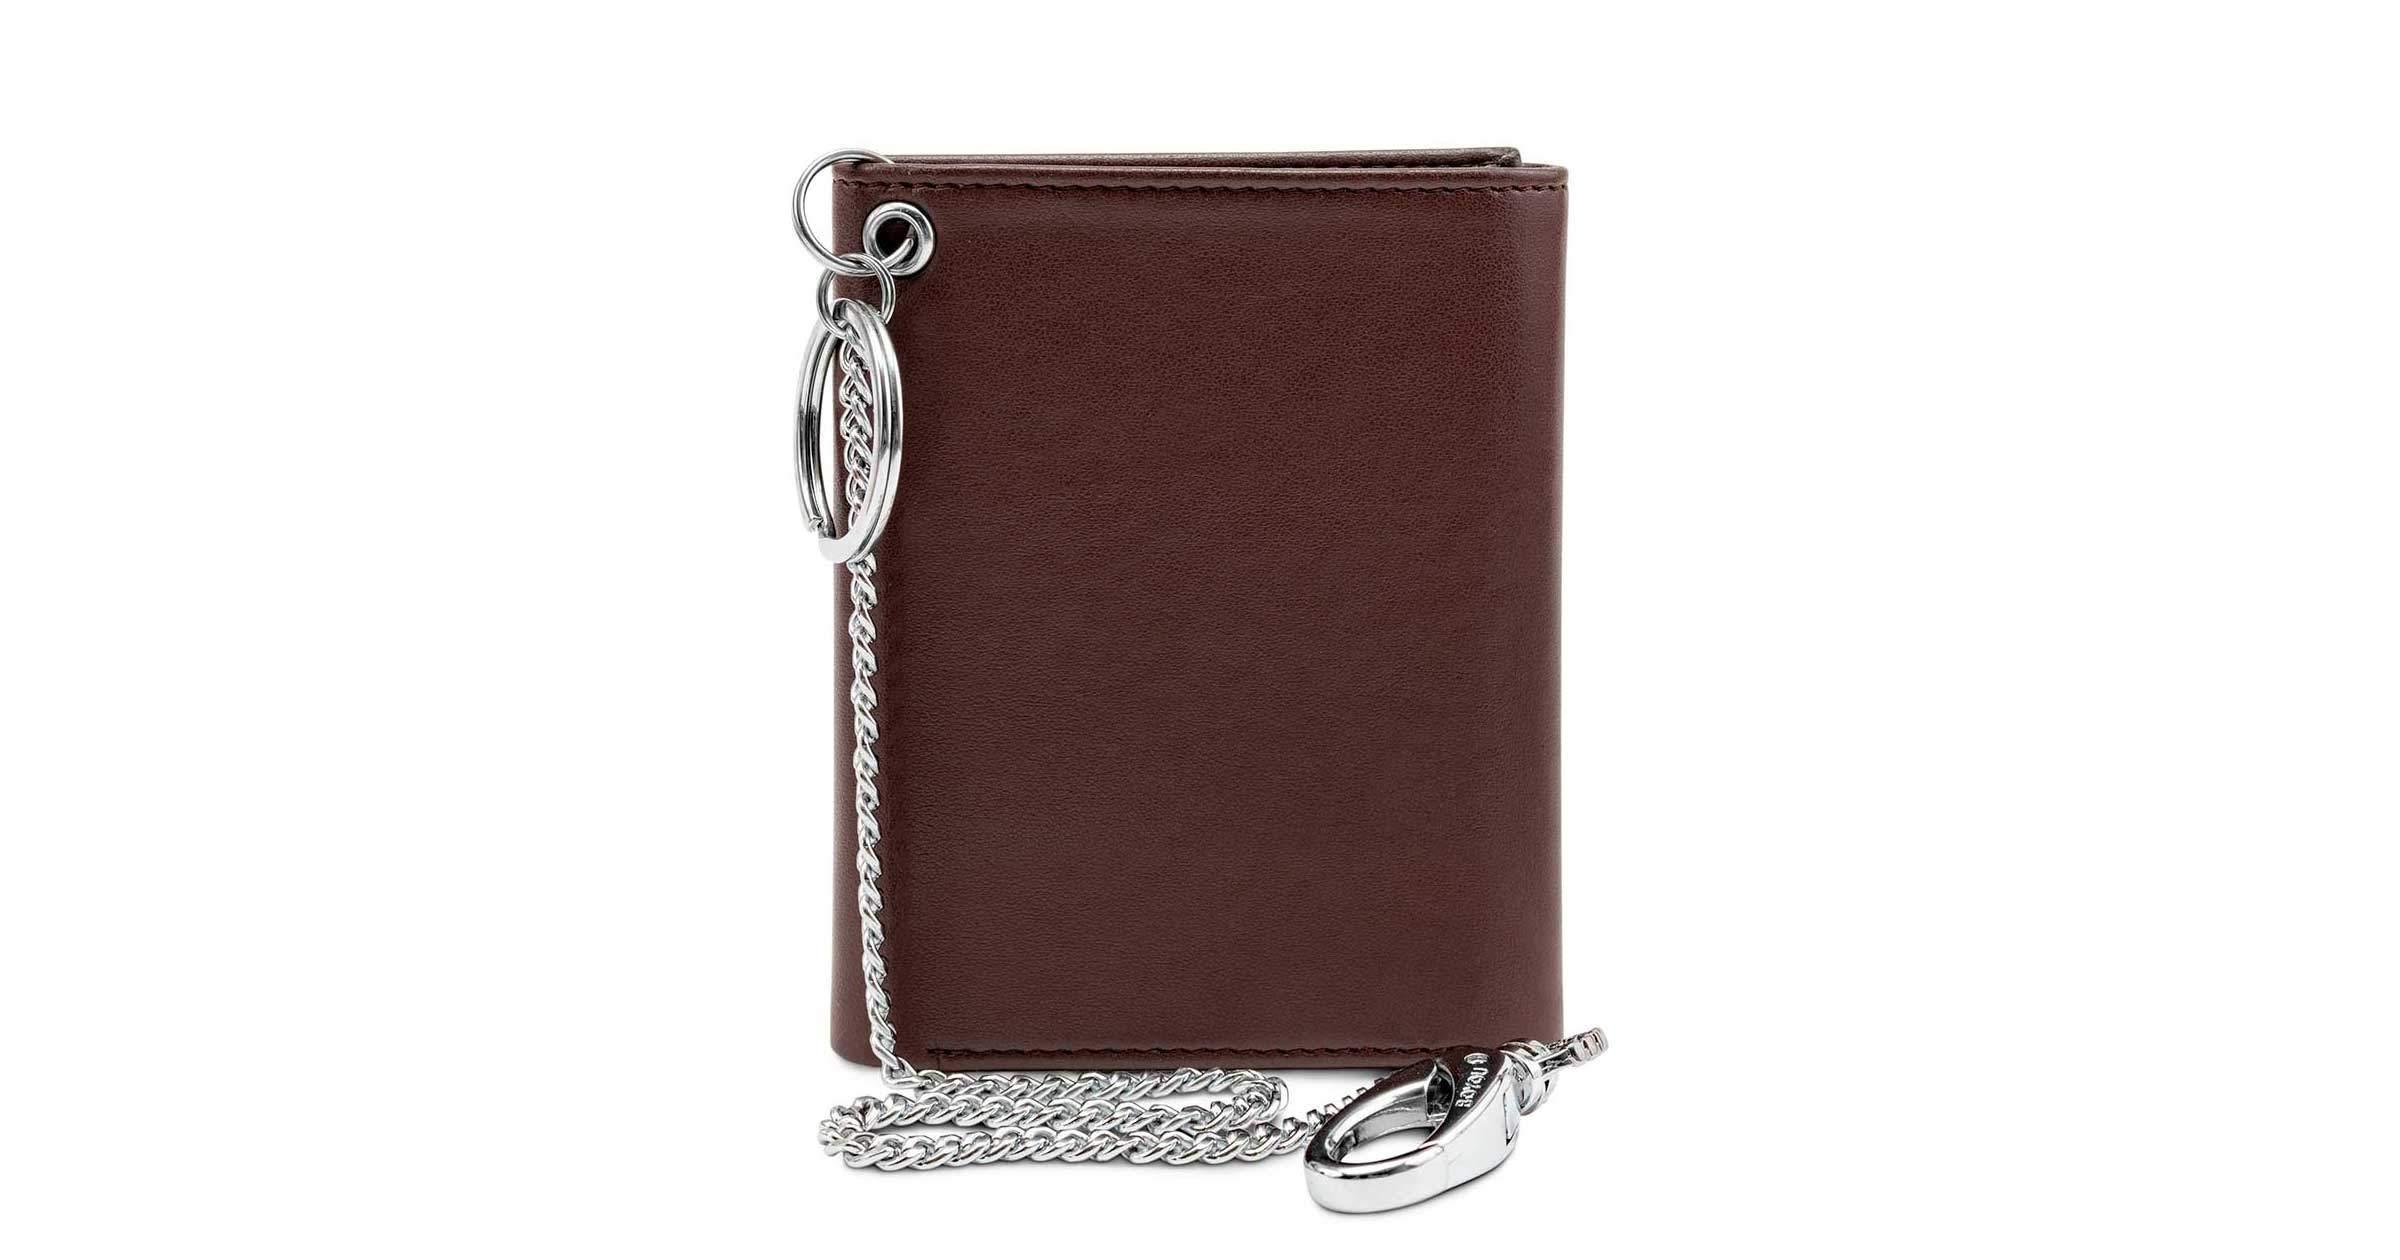 Trifold Wallet for Wallet & Key Chain | Watson & Wolfe